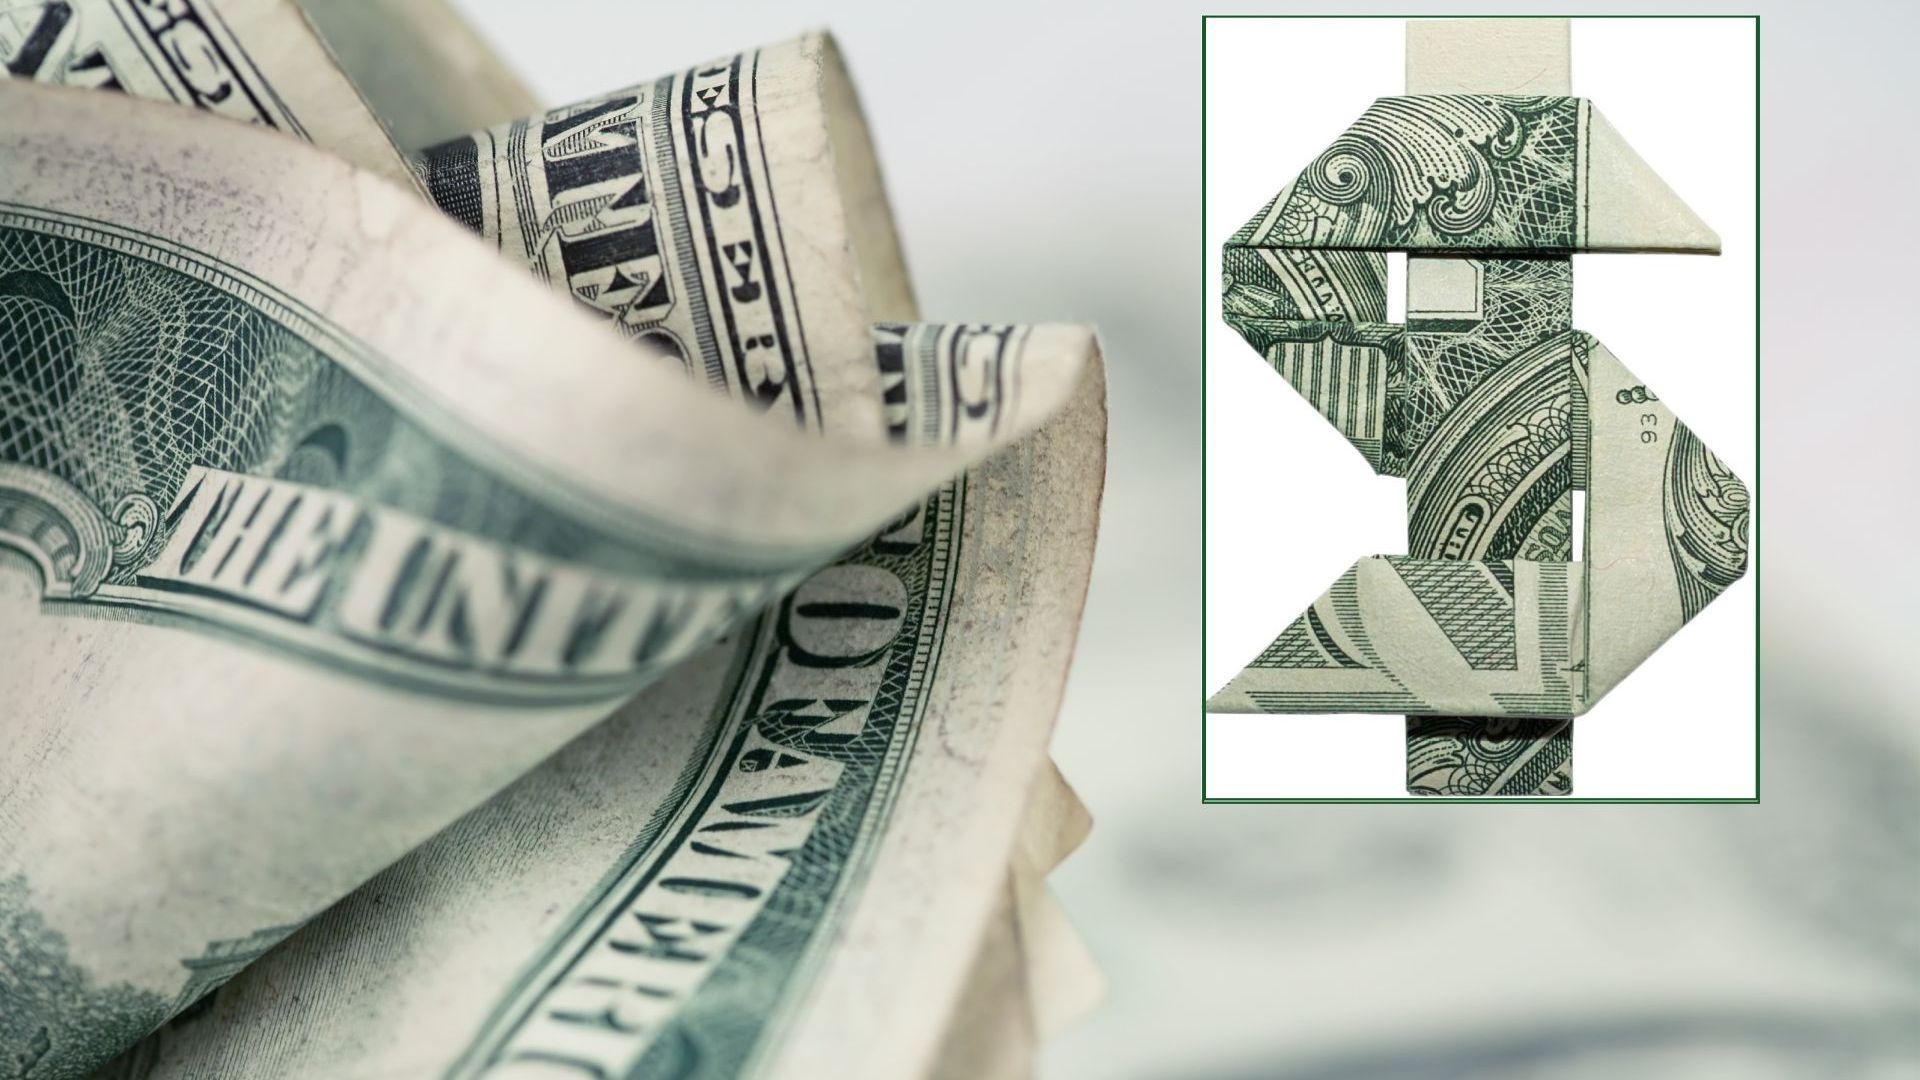 Пратиха петиция до Зеленски доларът да стане национална валута на Украйна